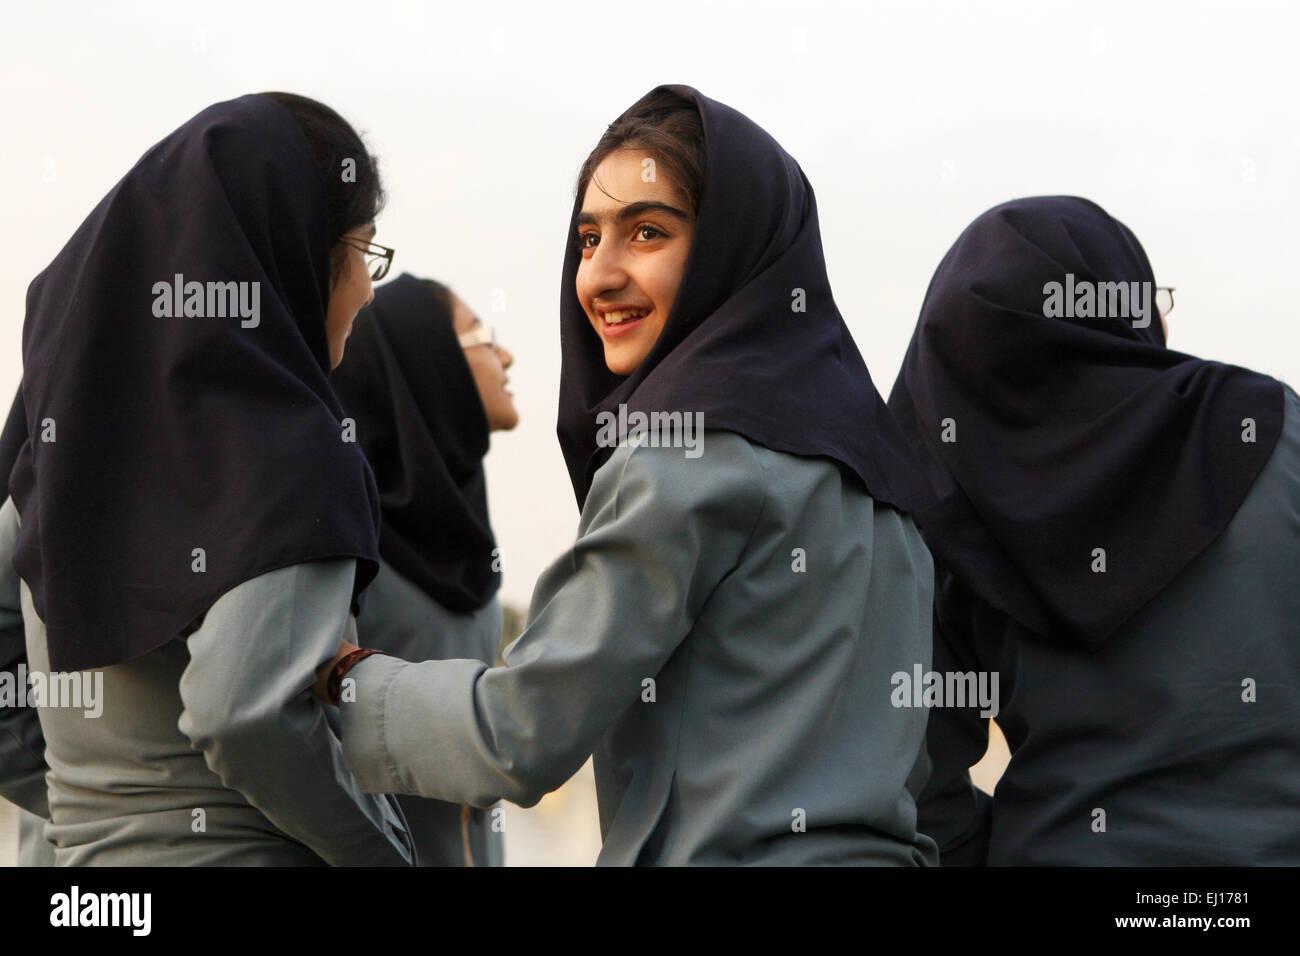 Gli alunni in Tehran, Iran. Immagini Stock